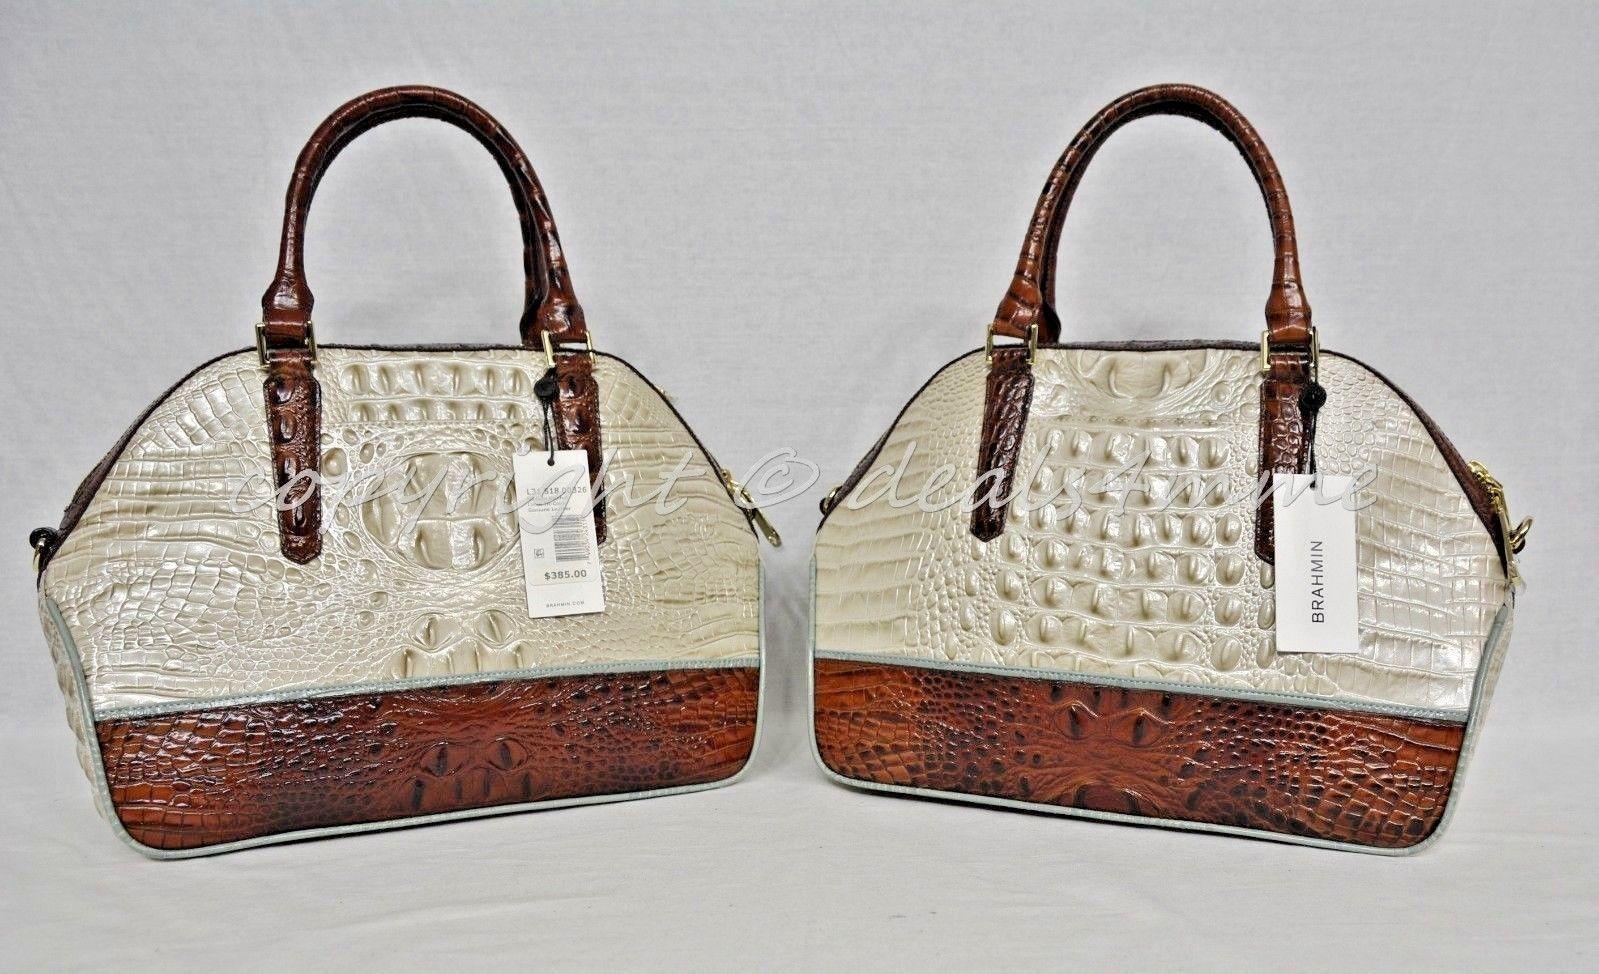 NWT Brahmin Hudson Satchel/Shoulder Bag in Linen Tri-Texture Beige, Pecan & Teal image 11